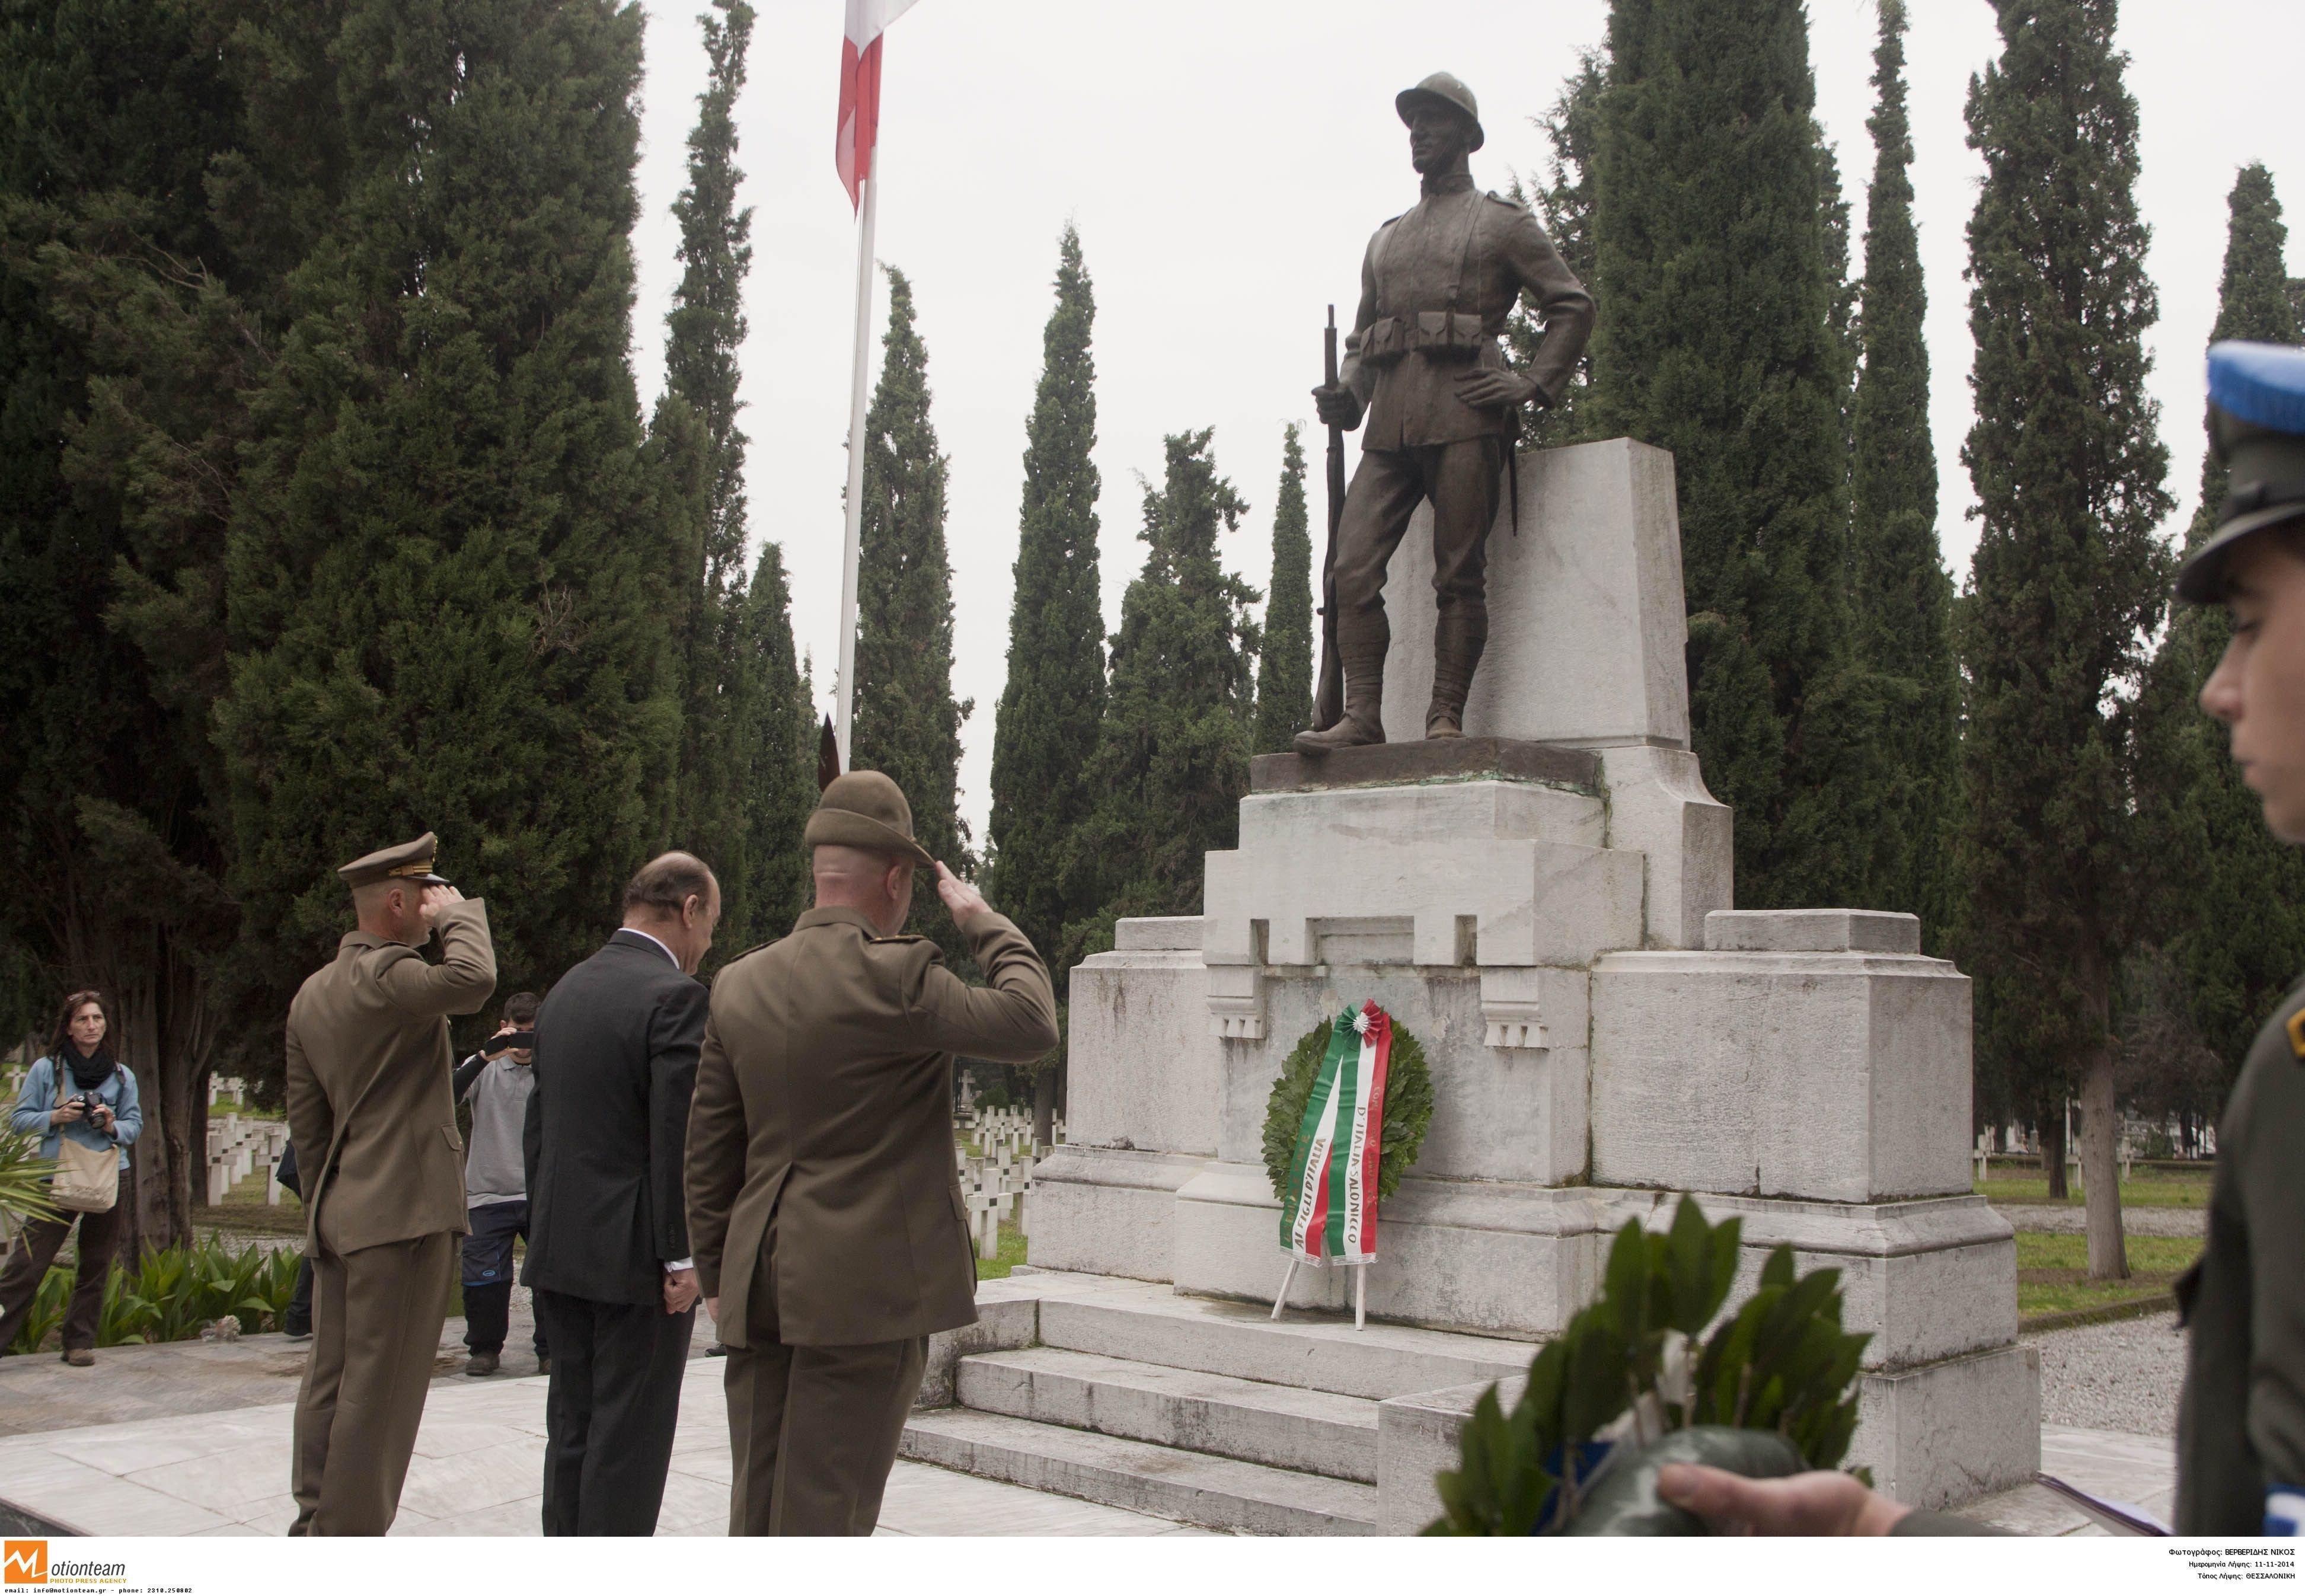 Ζέιτενλικ: Η ιστορία της μεγαλύτερης στρατιωτικής νεκρόπολης της Ελλάδας